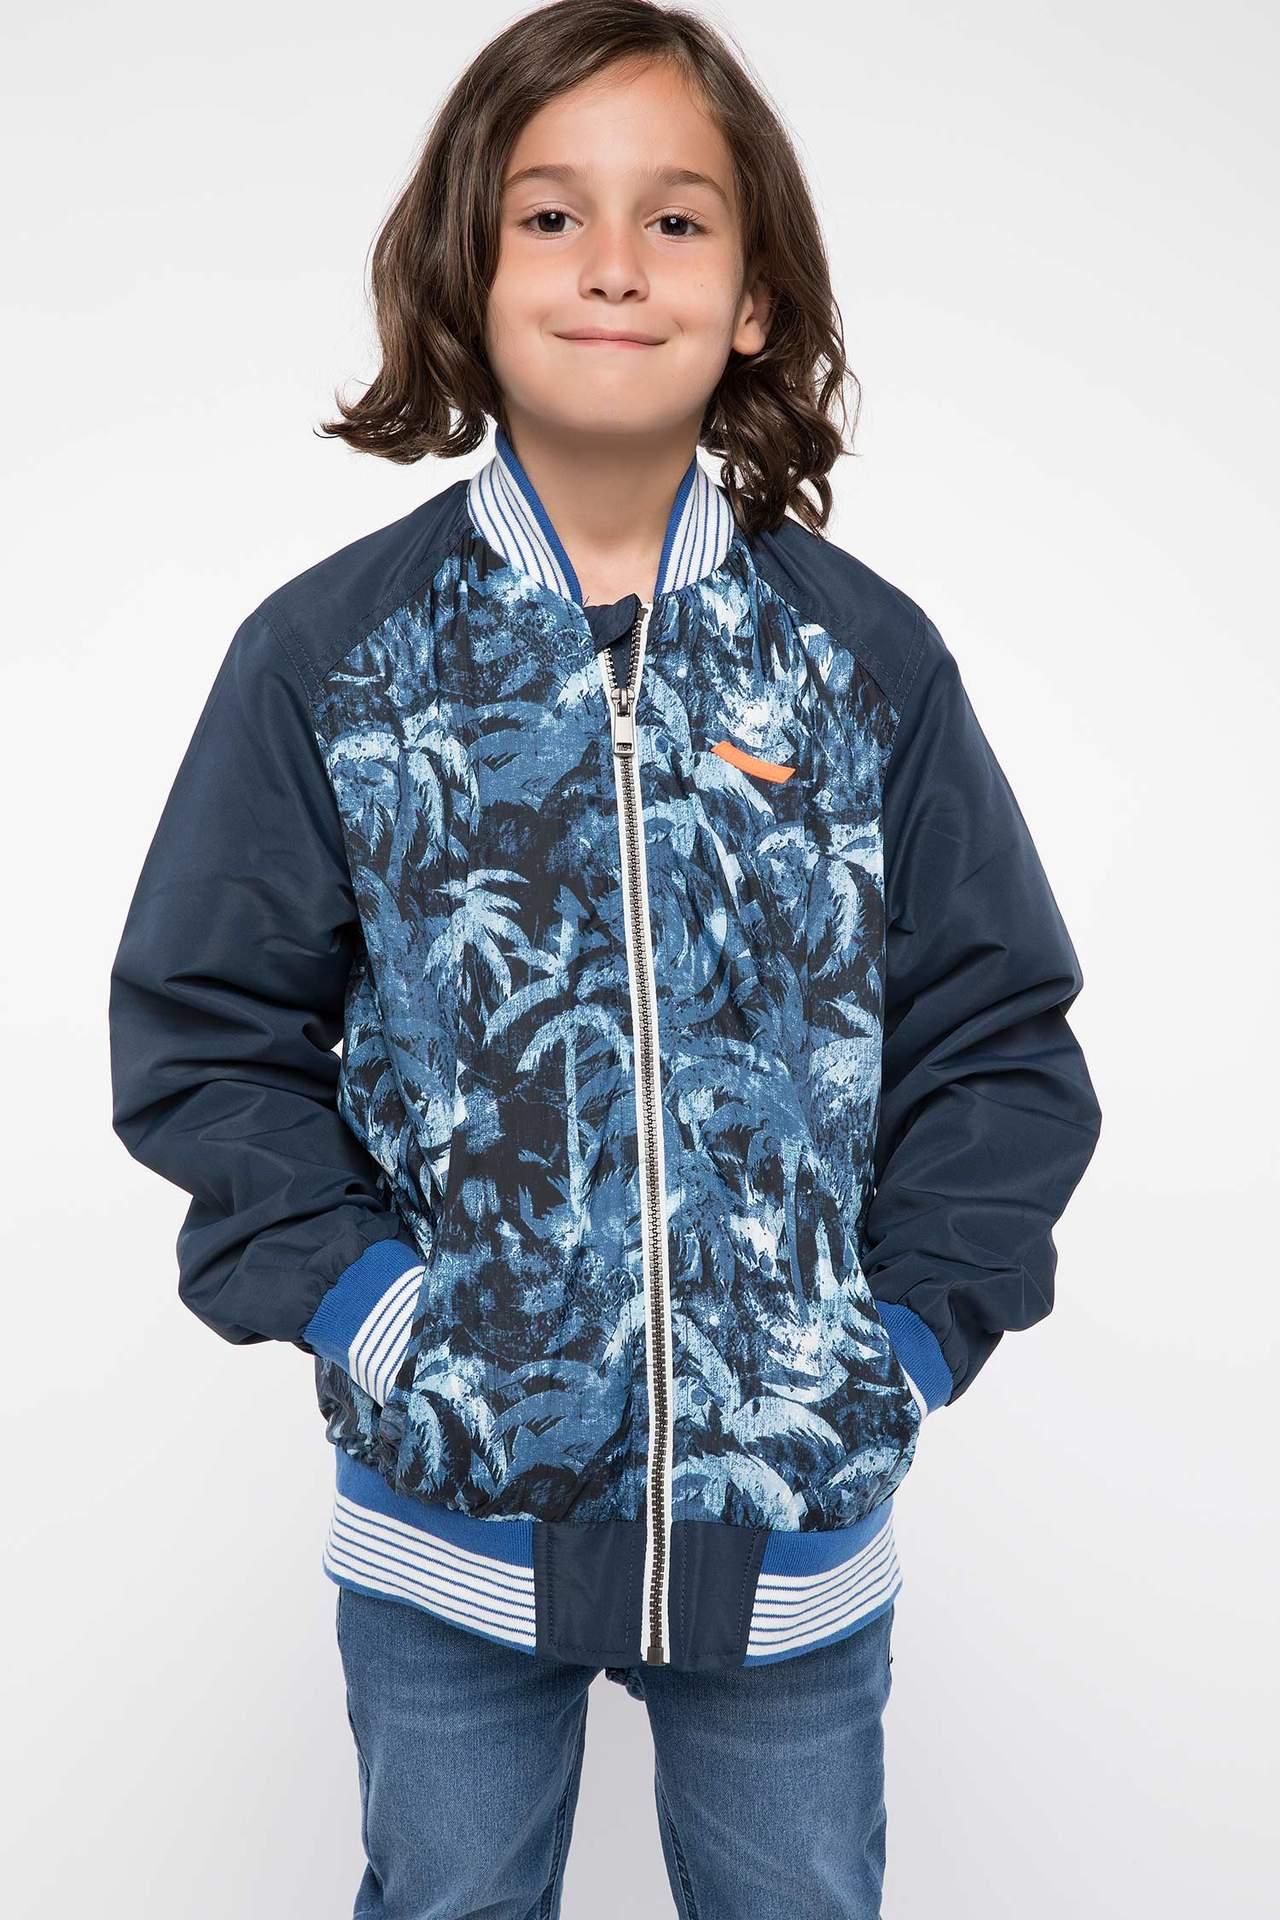 DeFacto Erkek Çocuk Baskılı Mont Mavi male